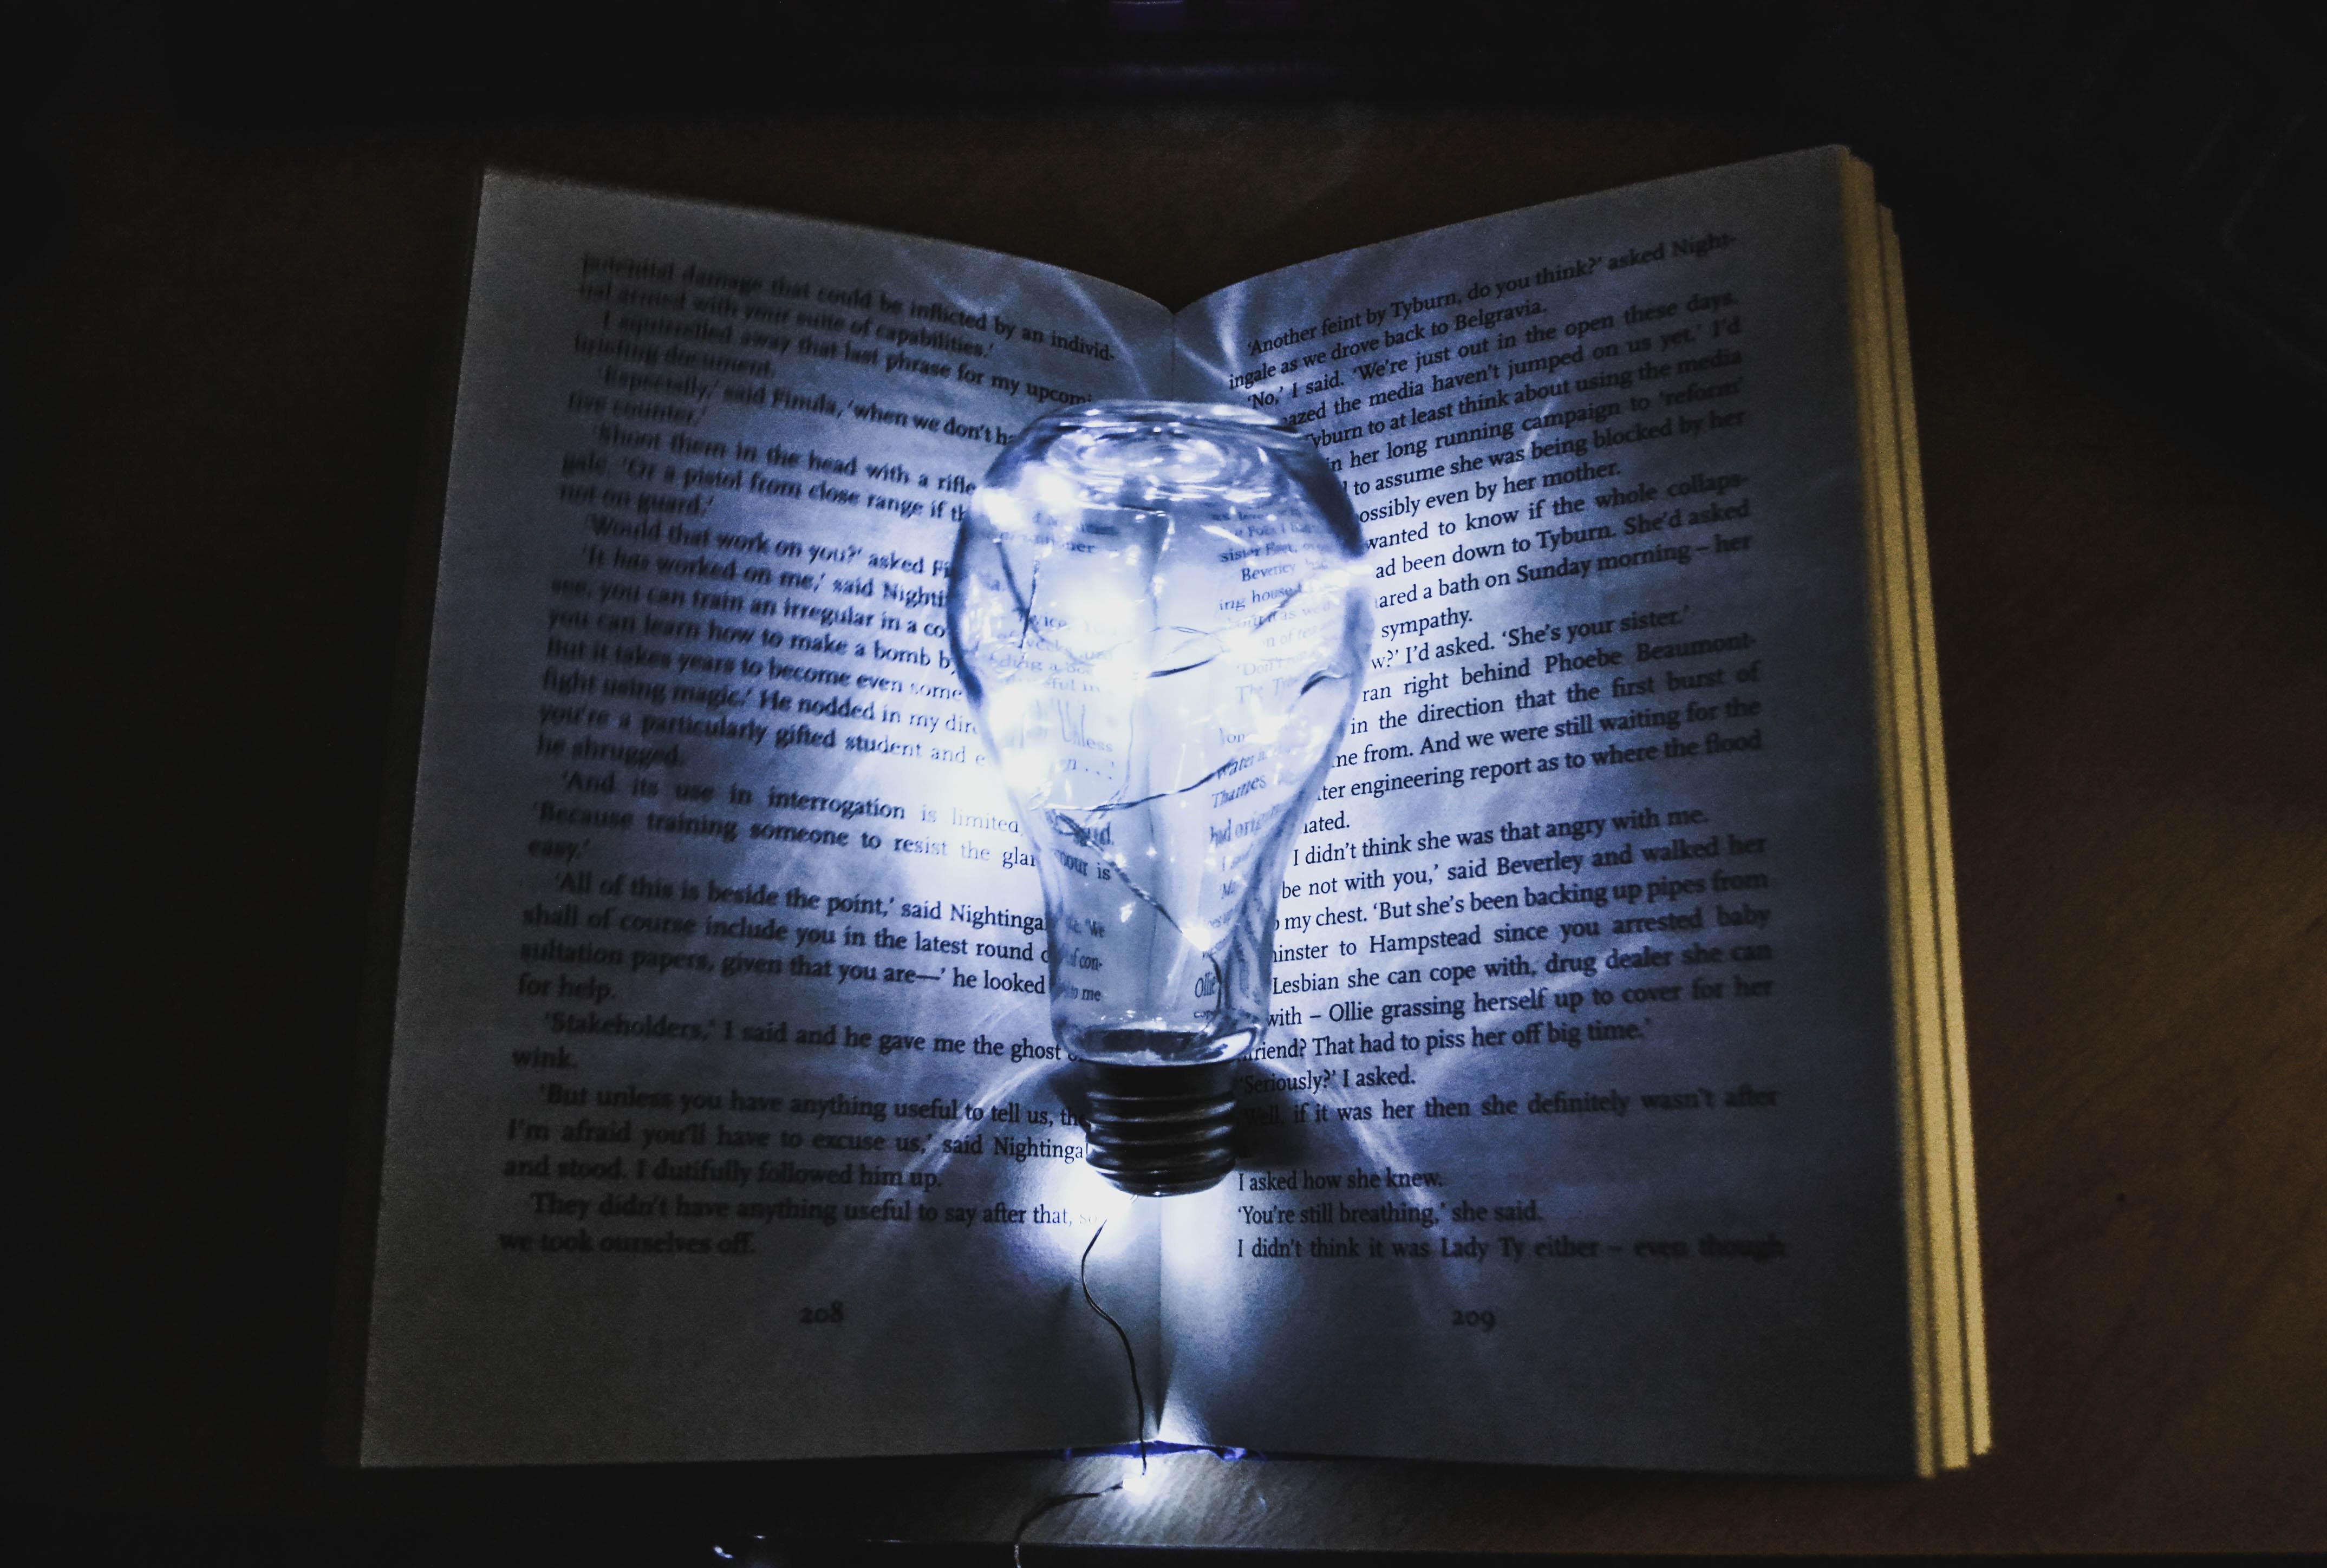 #autoédition #gratuit #roman #livre #écriture